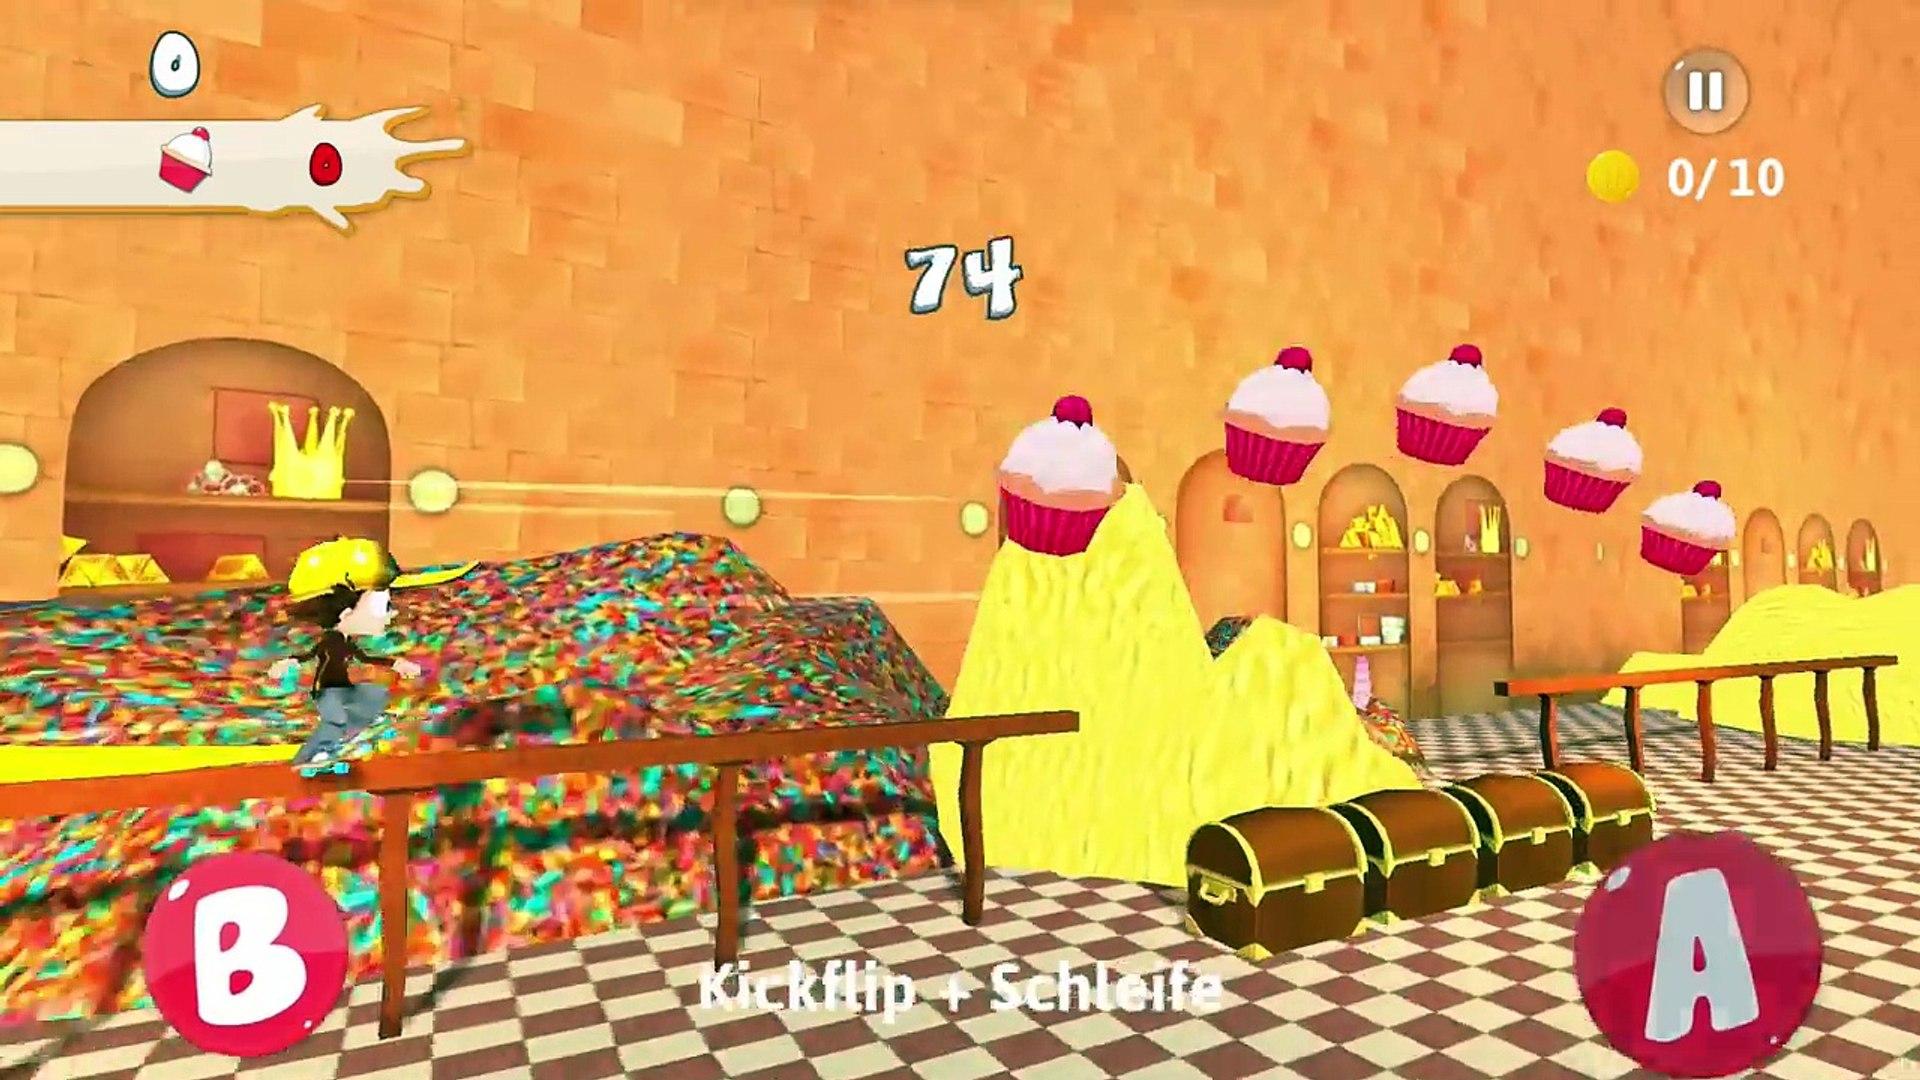 ANGELO SKATE AWAY #17 Deutsch App - KAAN WEINT! DAS KÜRZESTE ANGELO VIDEO?! Spiel mit mir Apps